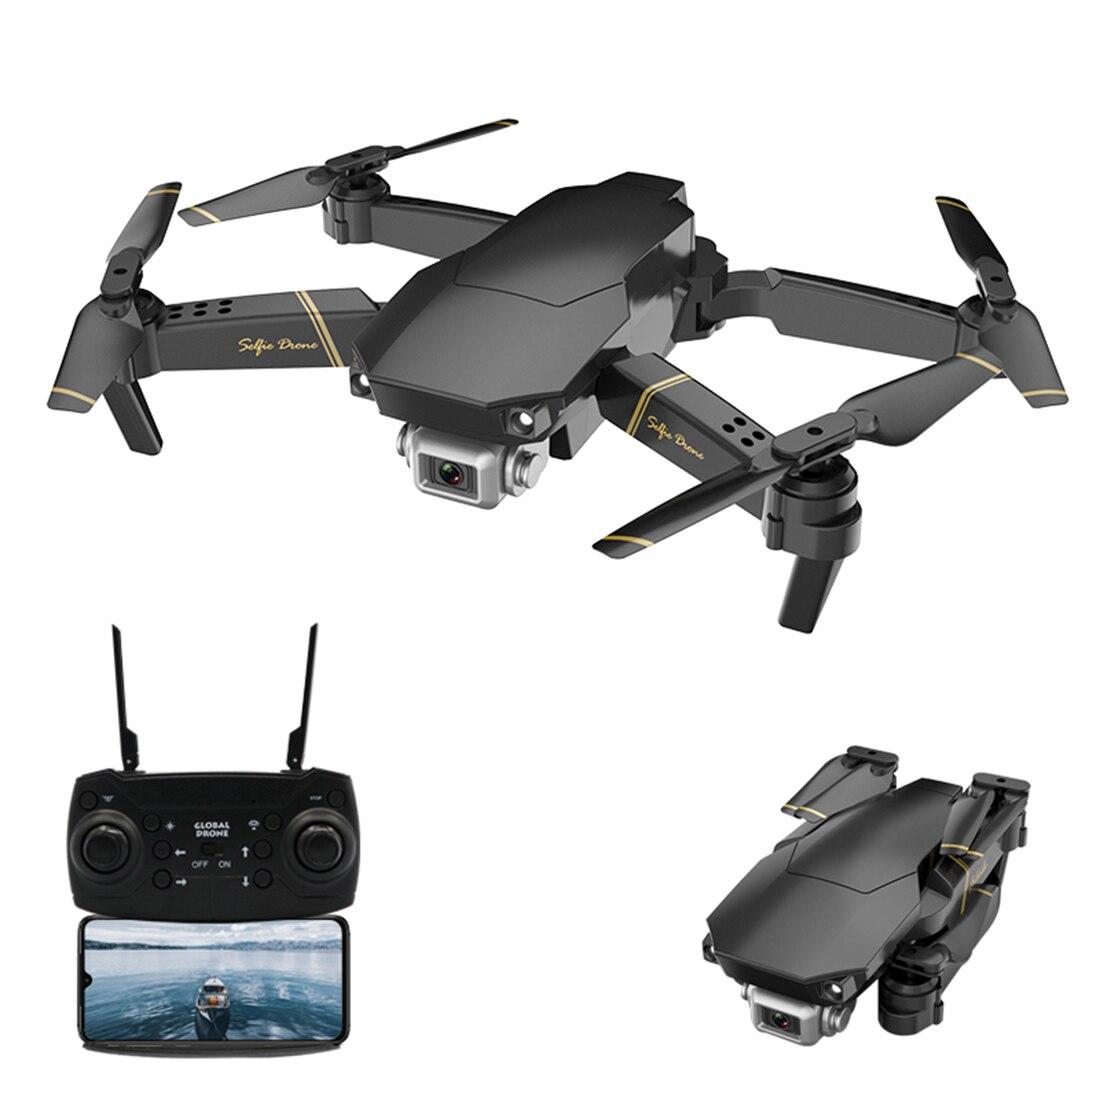 GD89 2.4G 1080P 720P télécommande Altitude tenir pliable Drone quadrirotor modèle jouet éducatif cadeau pour enfants enfants adultes